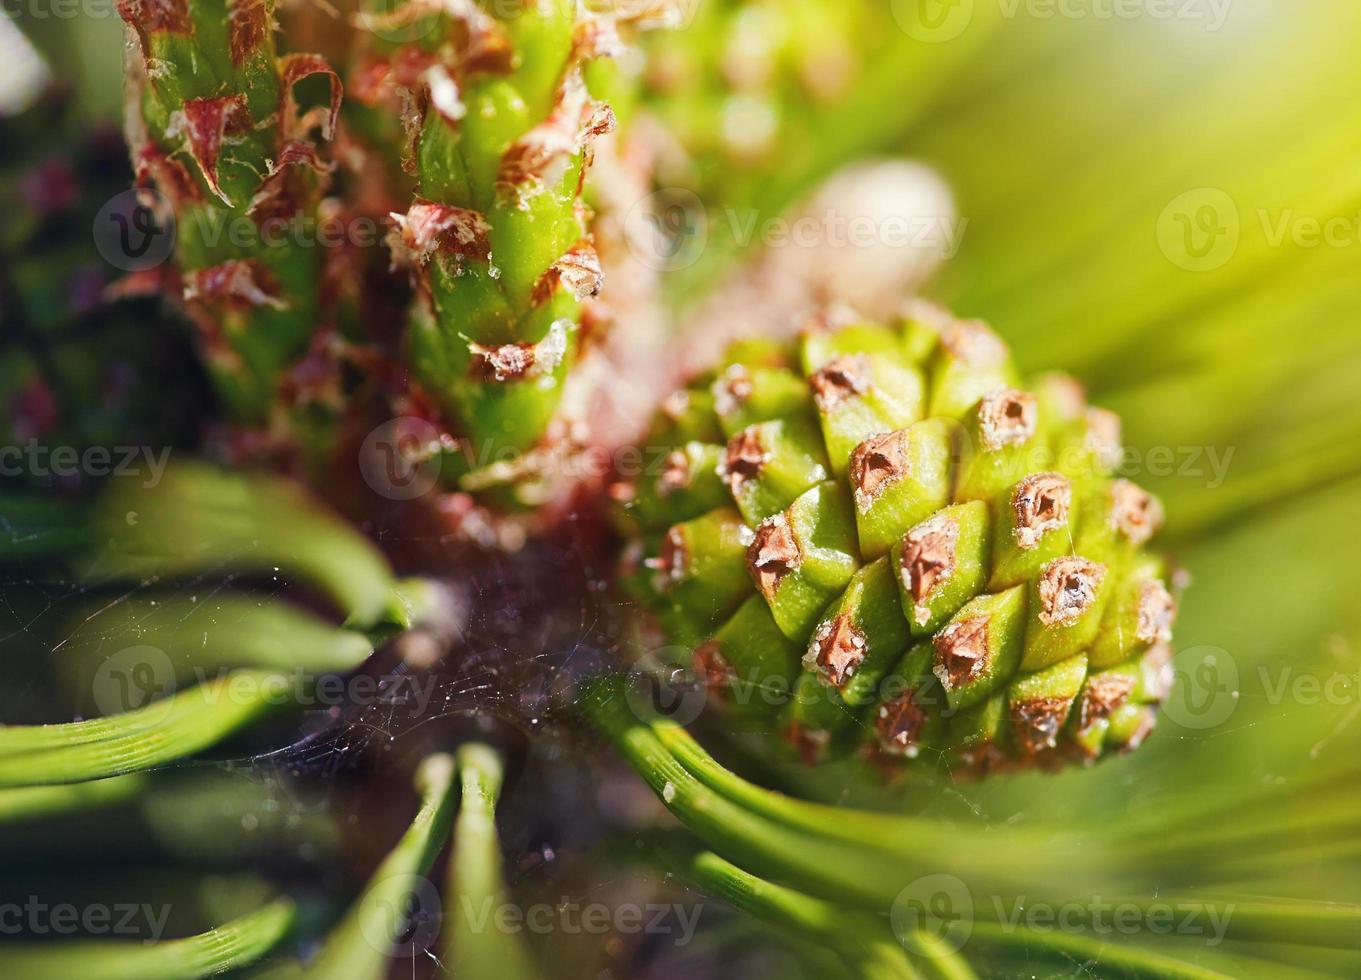 Pinecone, macro photo